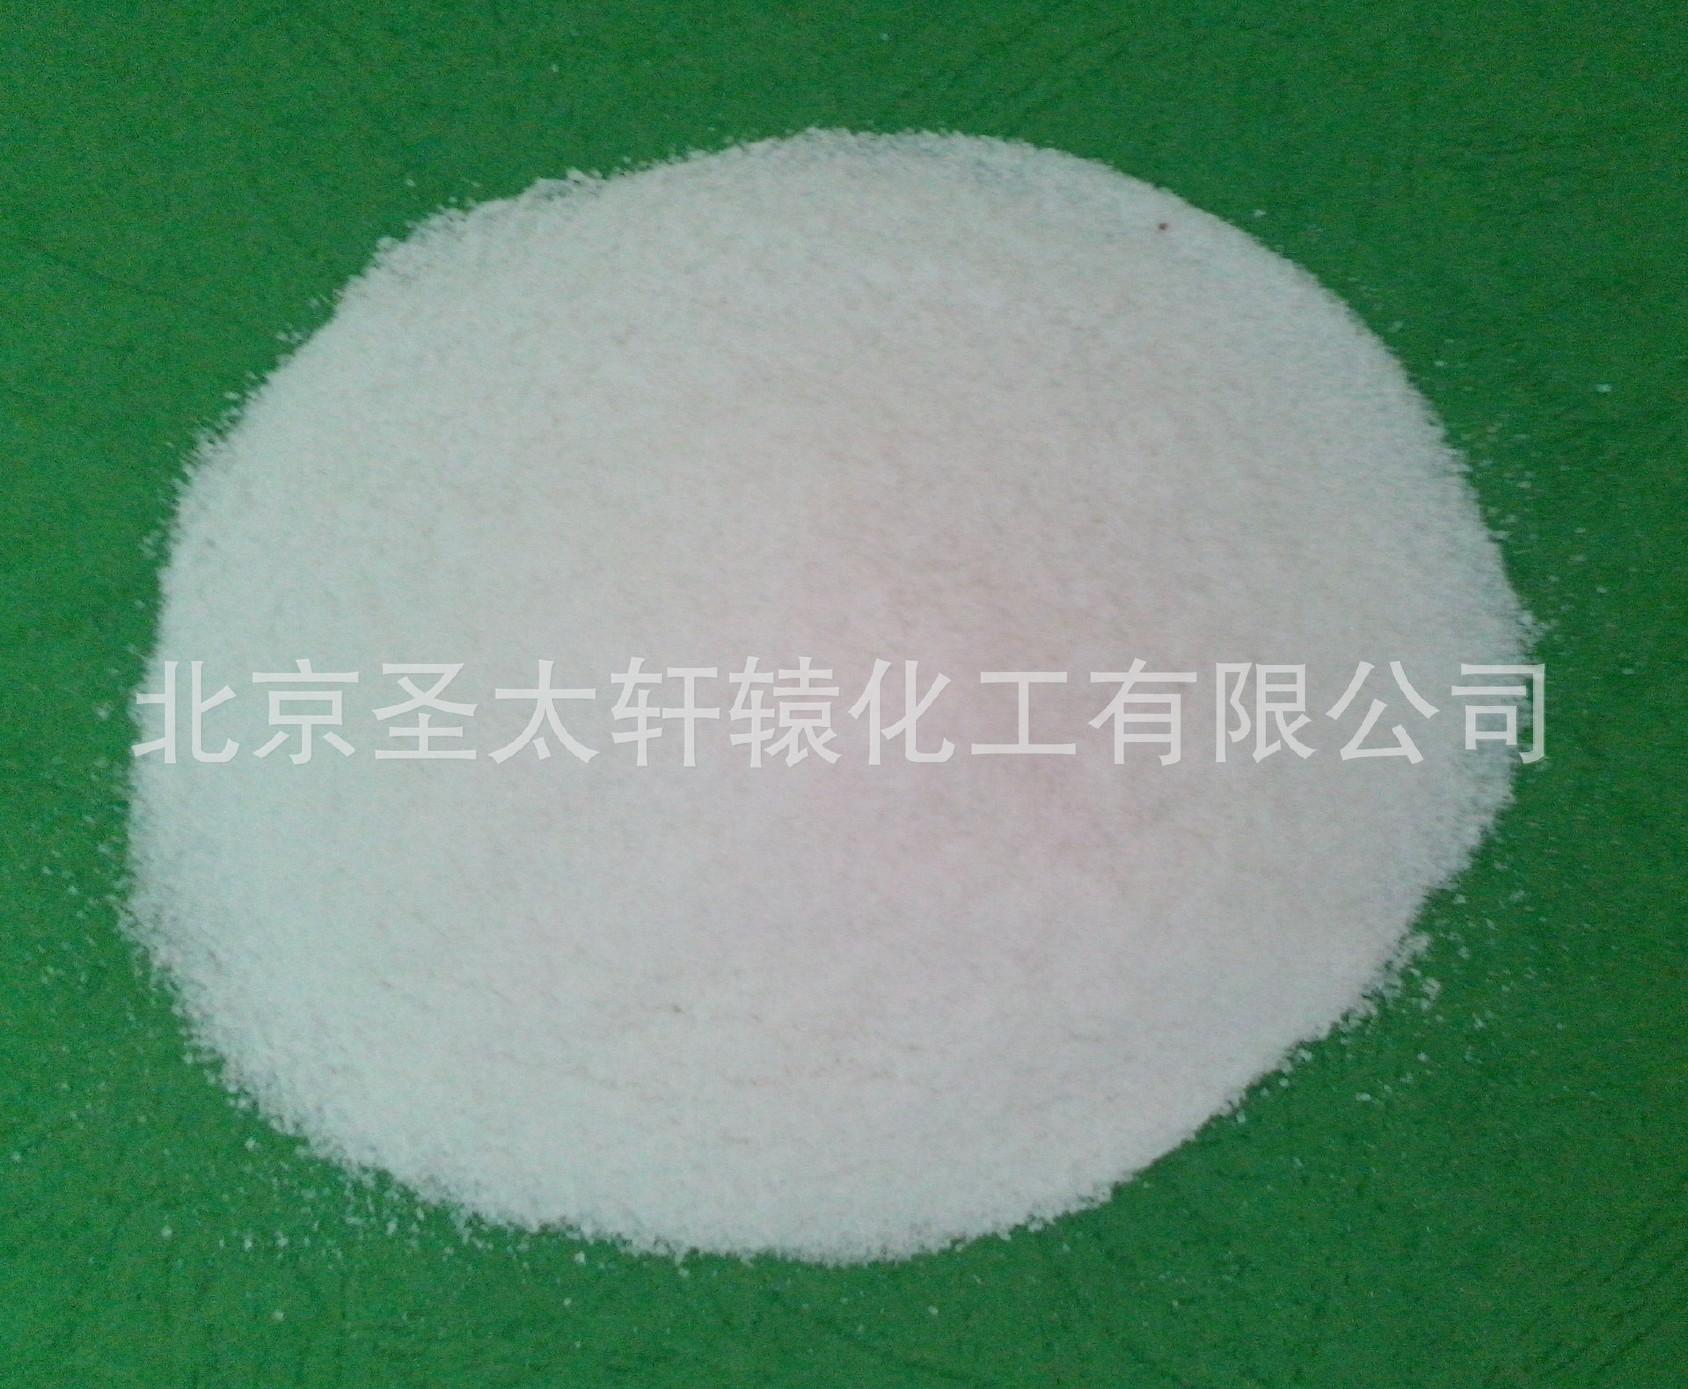 厂家直销 除冰道路融雪剂 低温融雪剂 工业级二水氯化钙示例图35